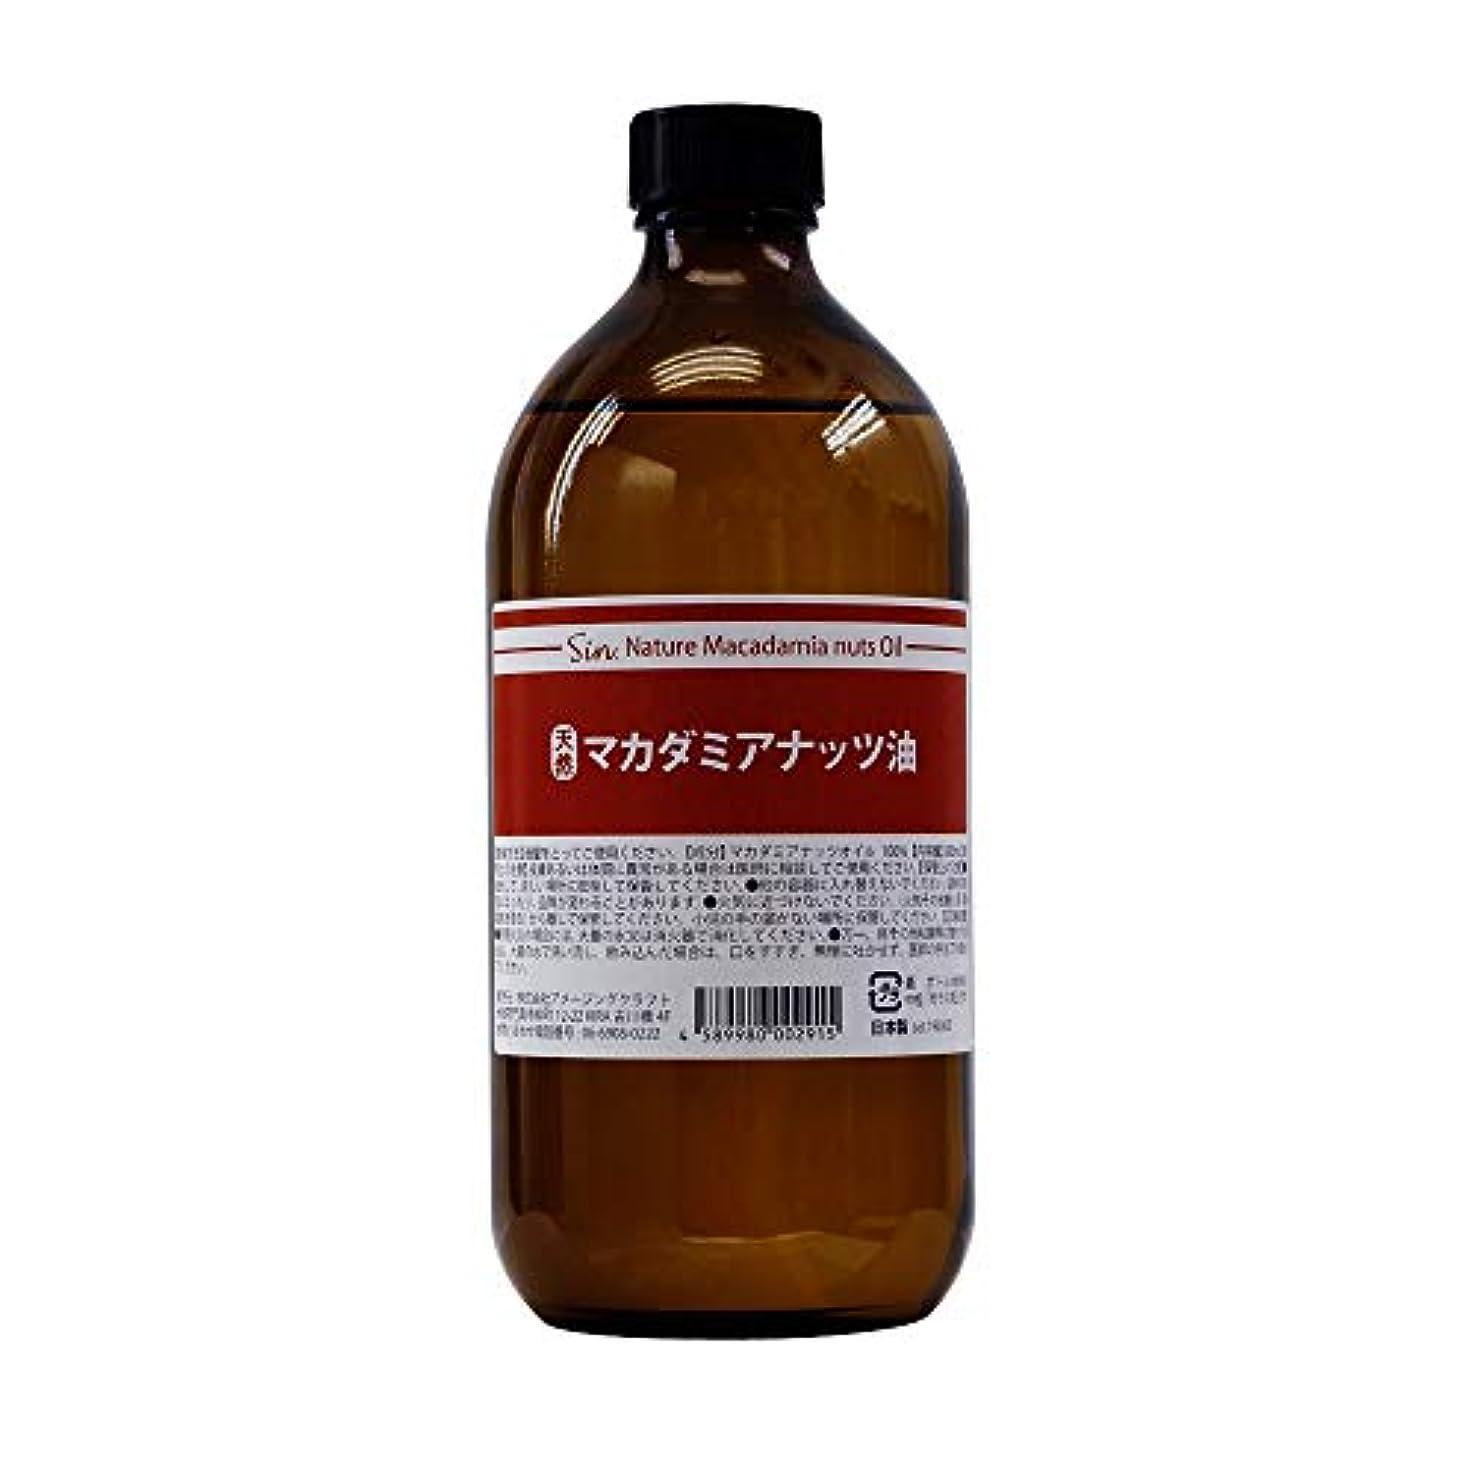 タブレット正義定期的に天然無添加 国内精製 マカダミアナッツオイル 500ml